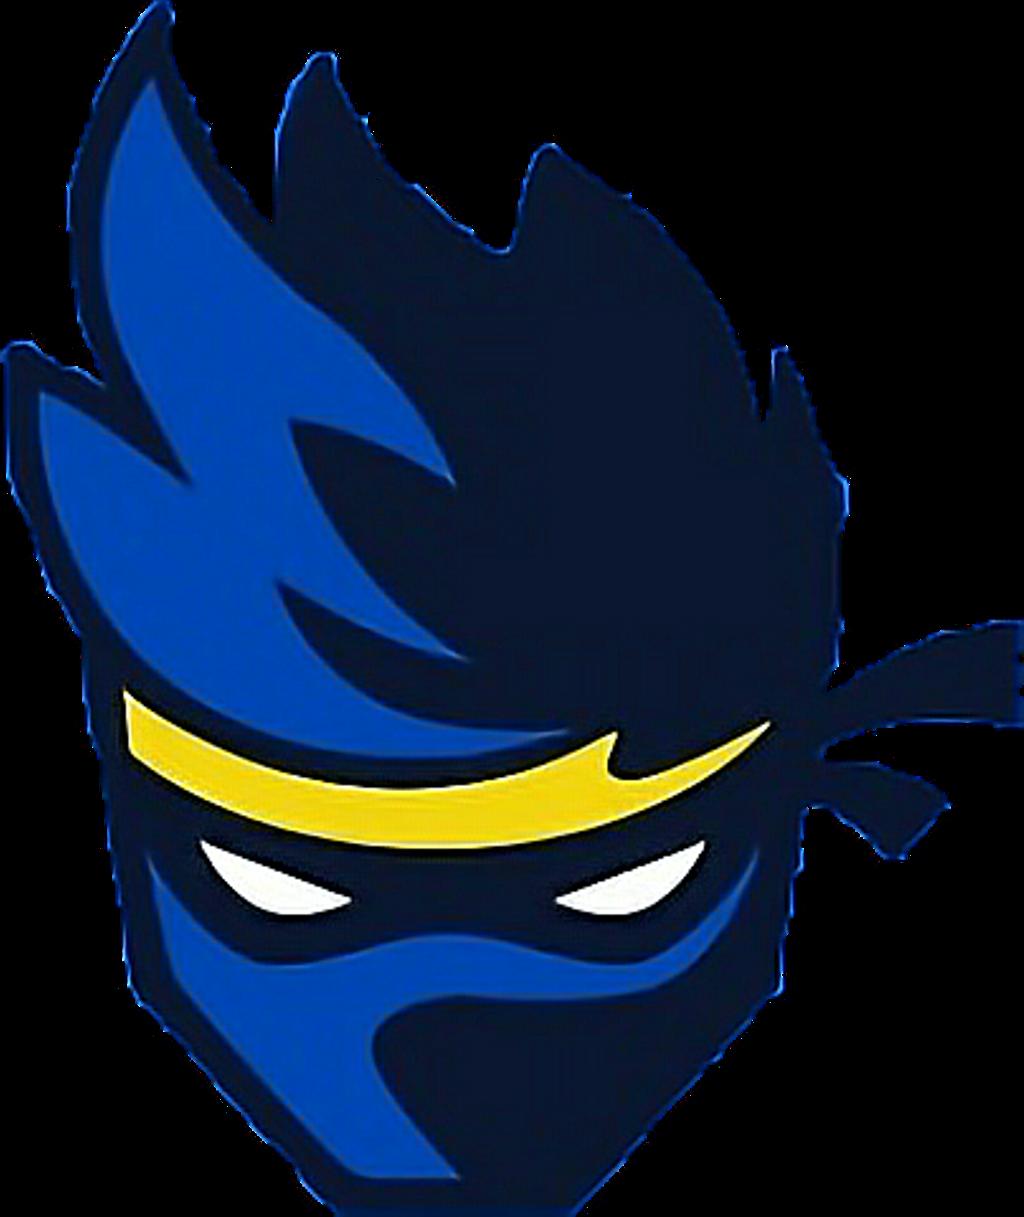 Google Image Result For Https Cdn Clipart Email F9876fb0641412166109e88fceec8c07 Ninja Fortnite Ninja Fortnite Logo Png Clipart Superhero Logos Art Painting